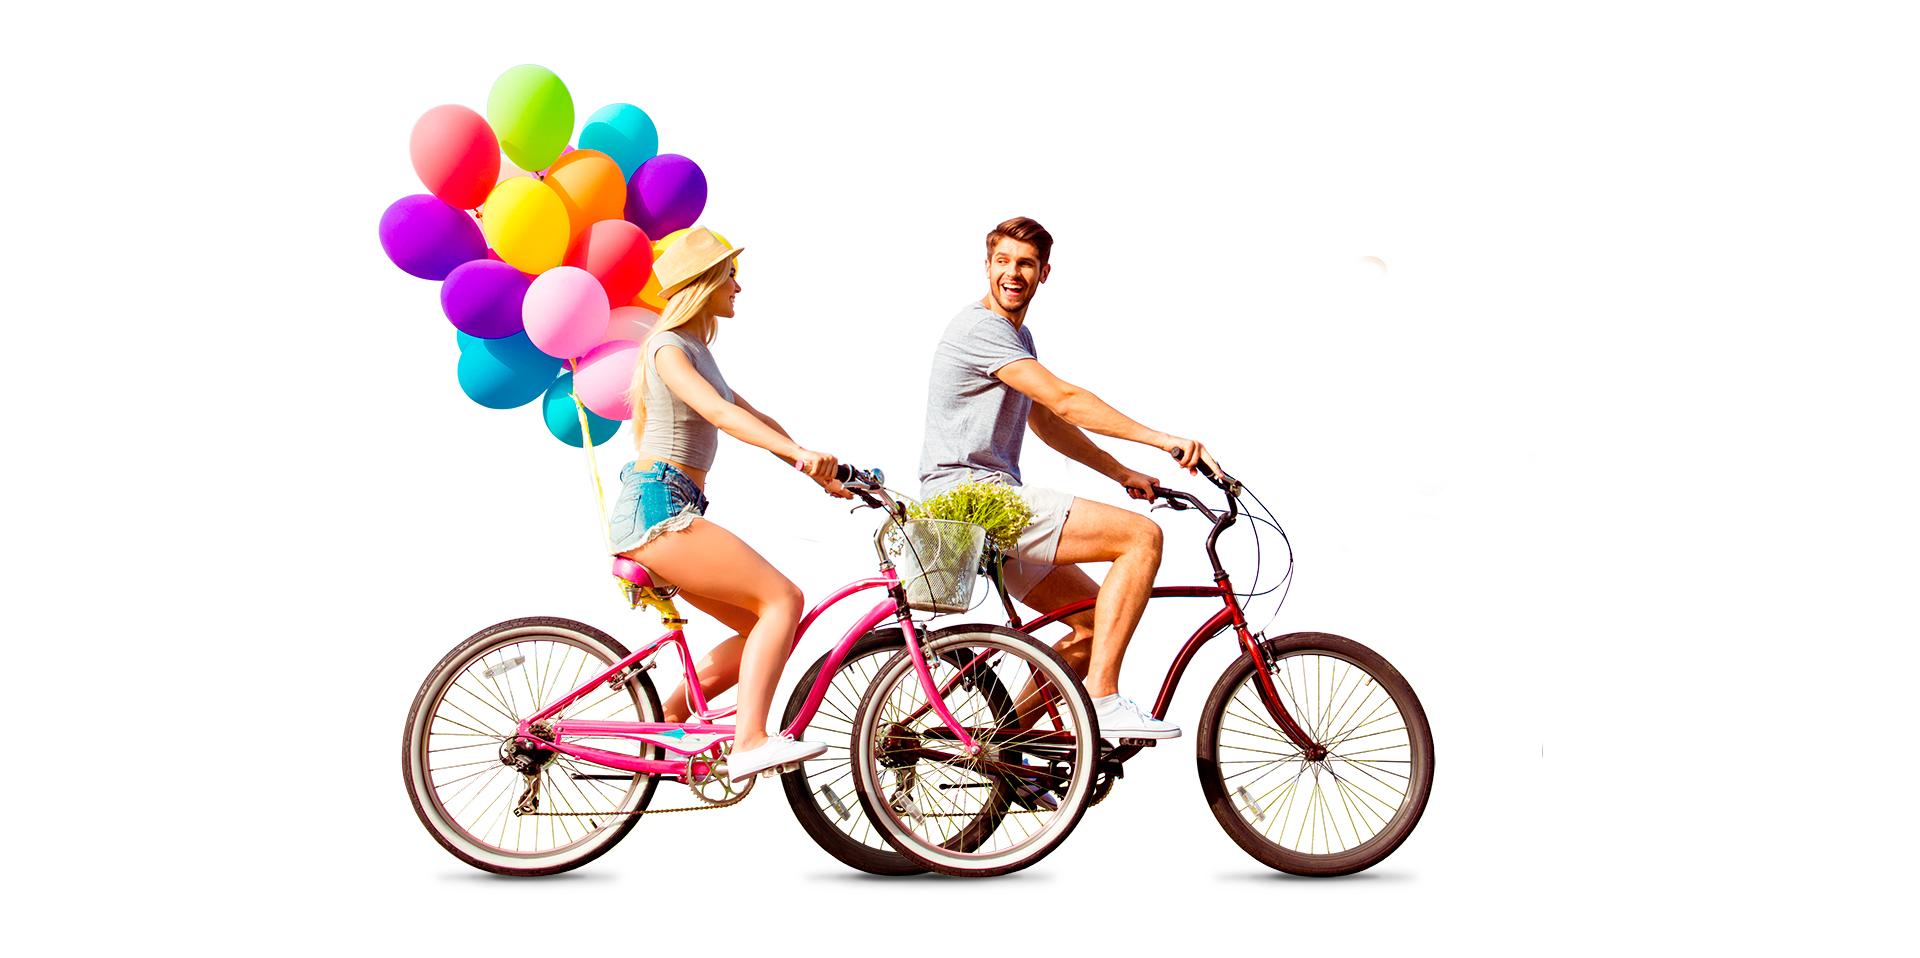 26 мая приглашаем всех желающих на велопарад!